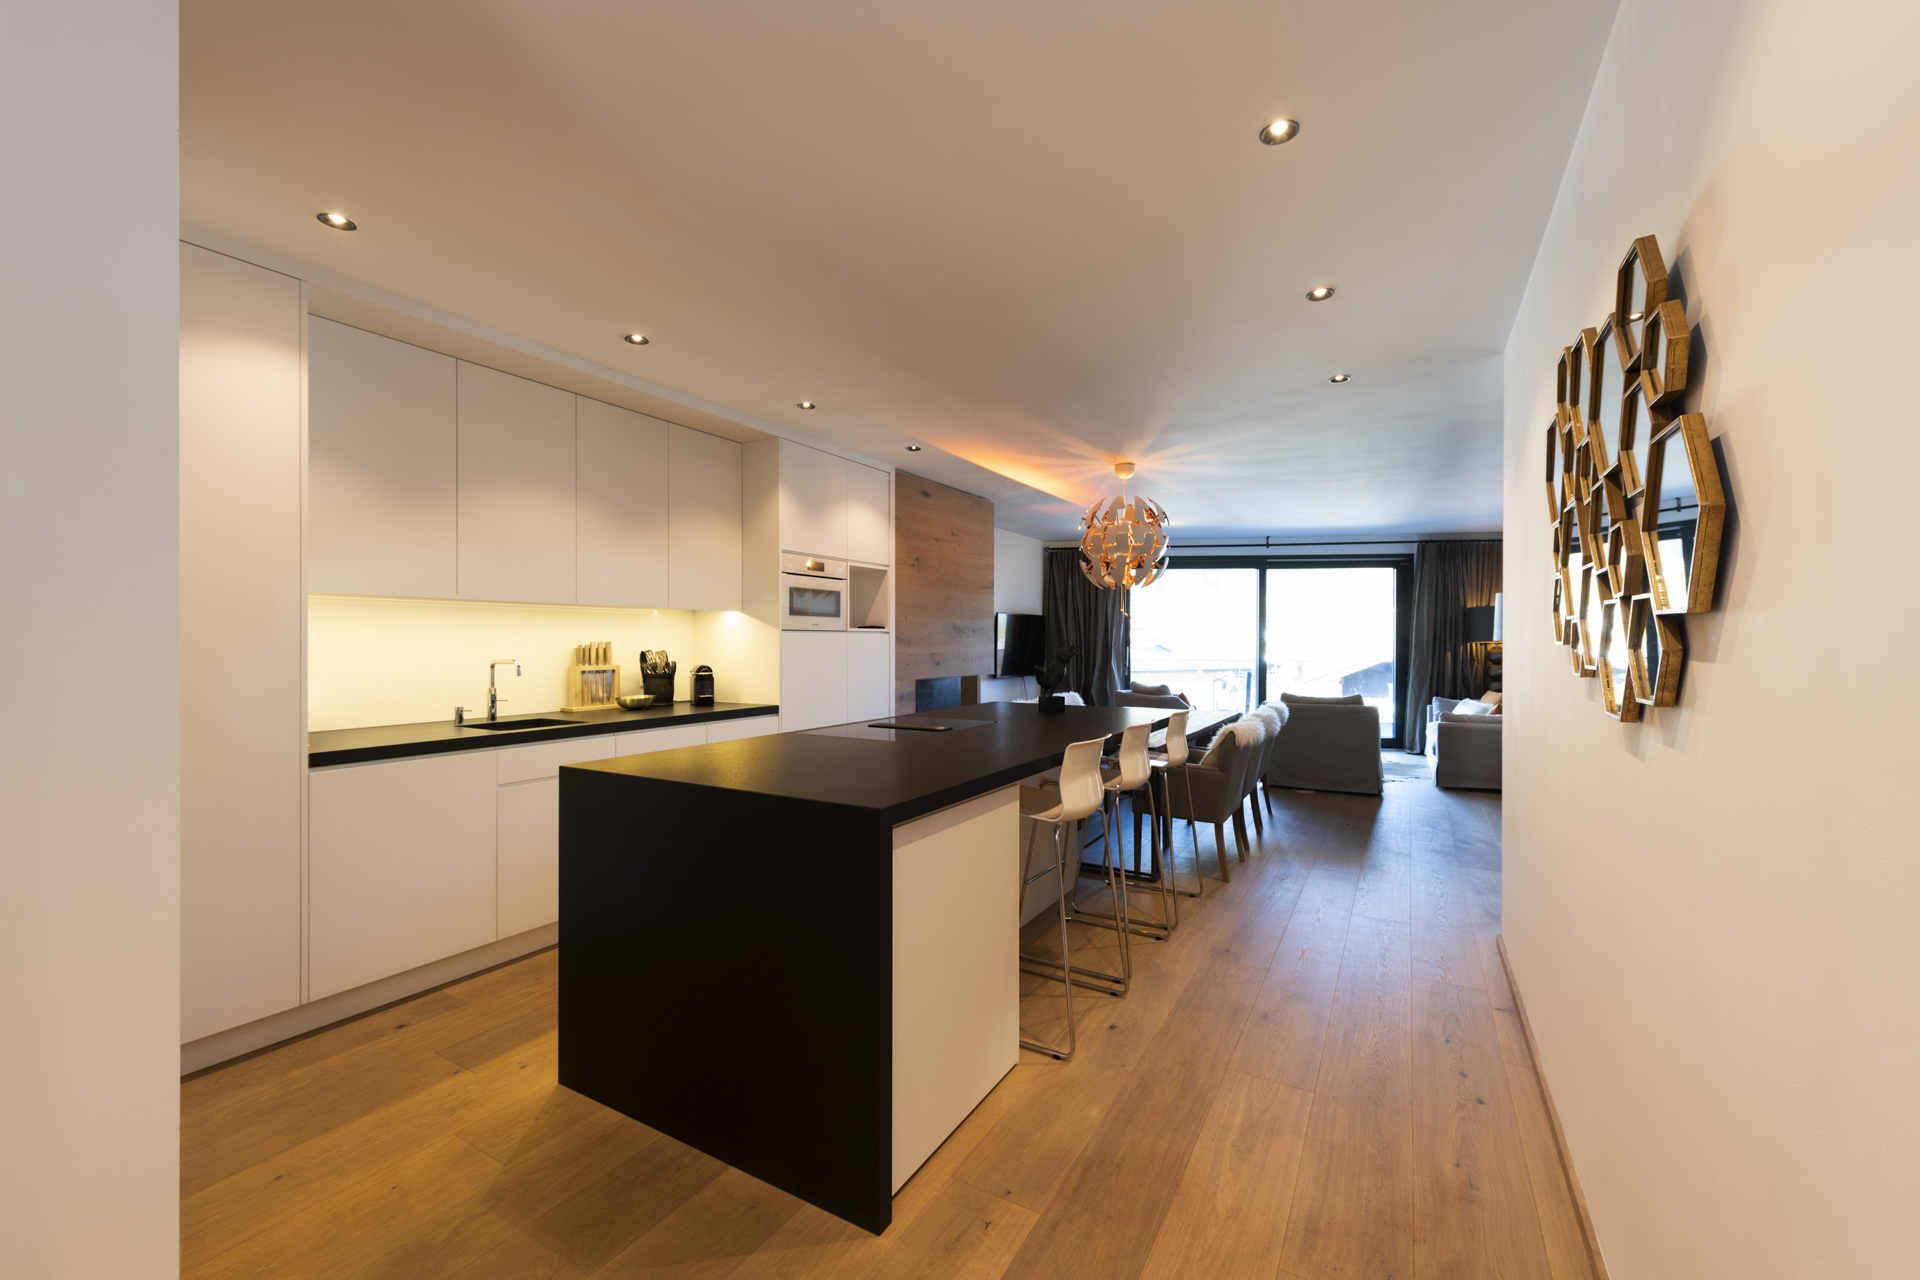 Tischlerei-Decker-Projekte-Wohnung-D-Kochinsel